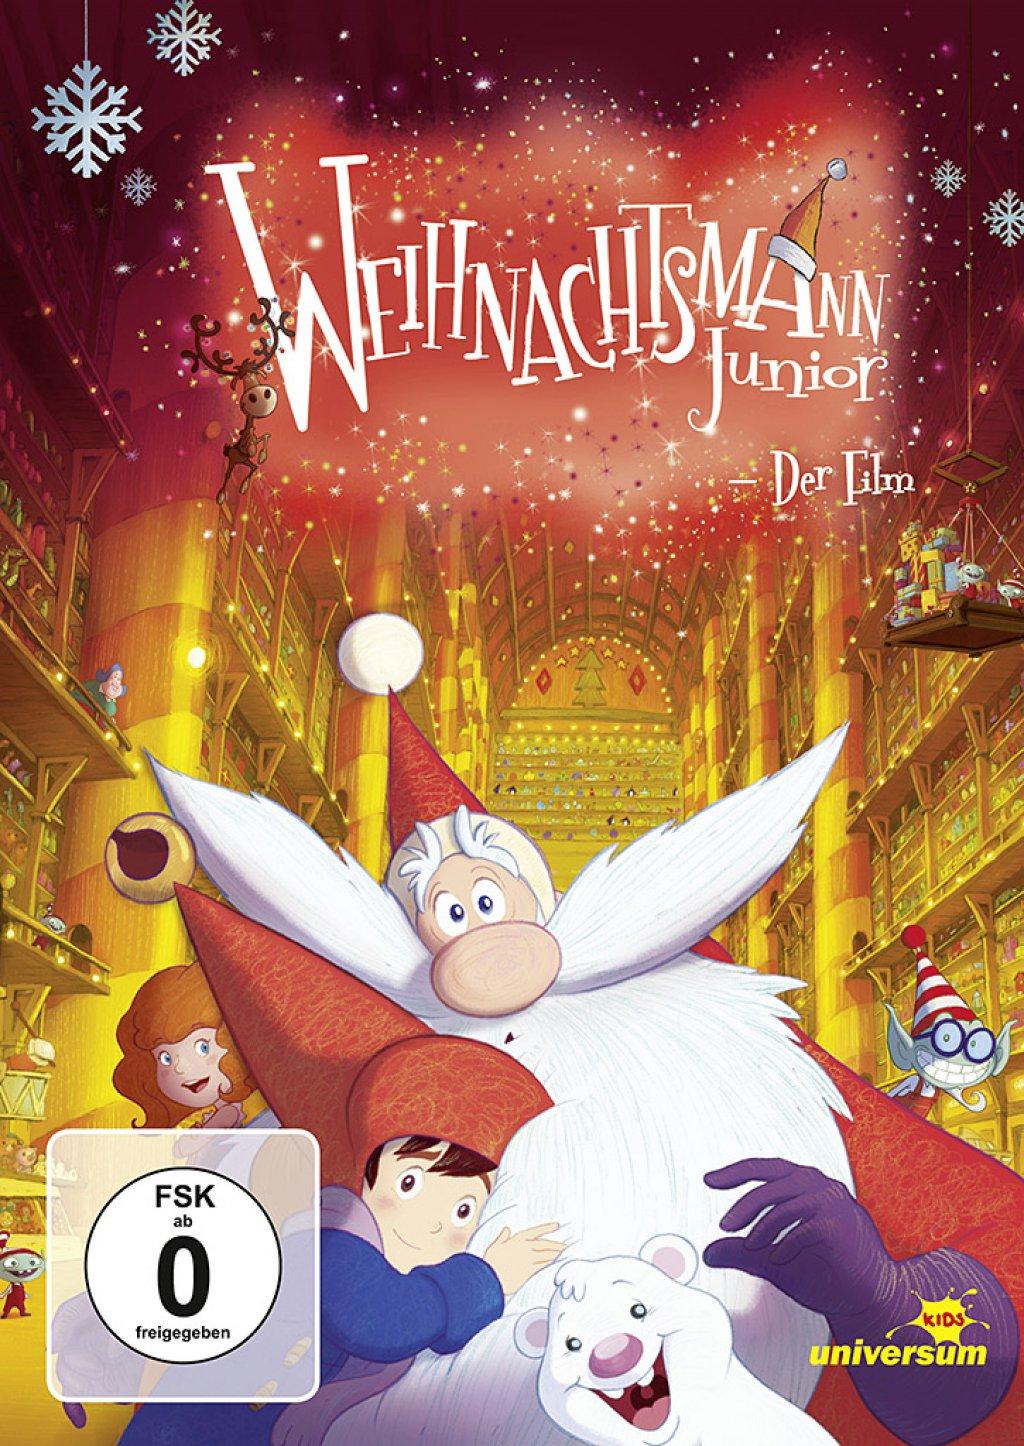 Weihnachtsmann Junior - Der Film (DVD)